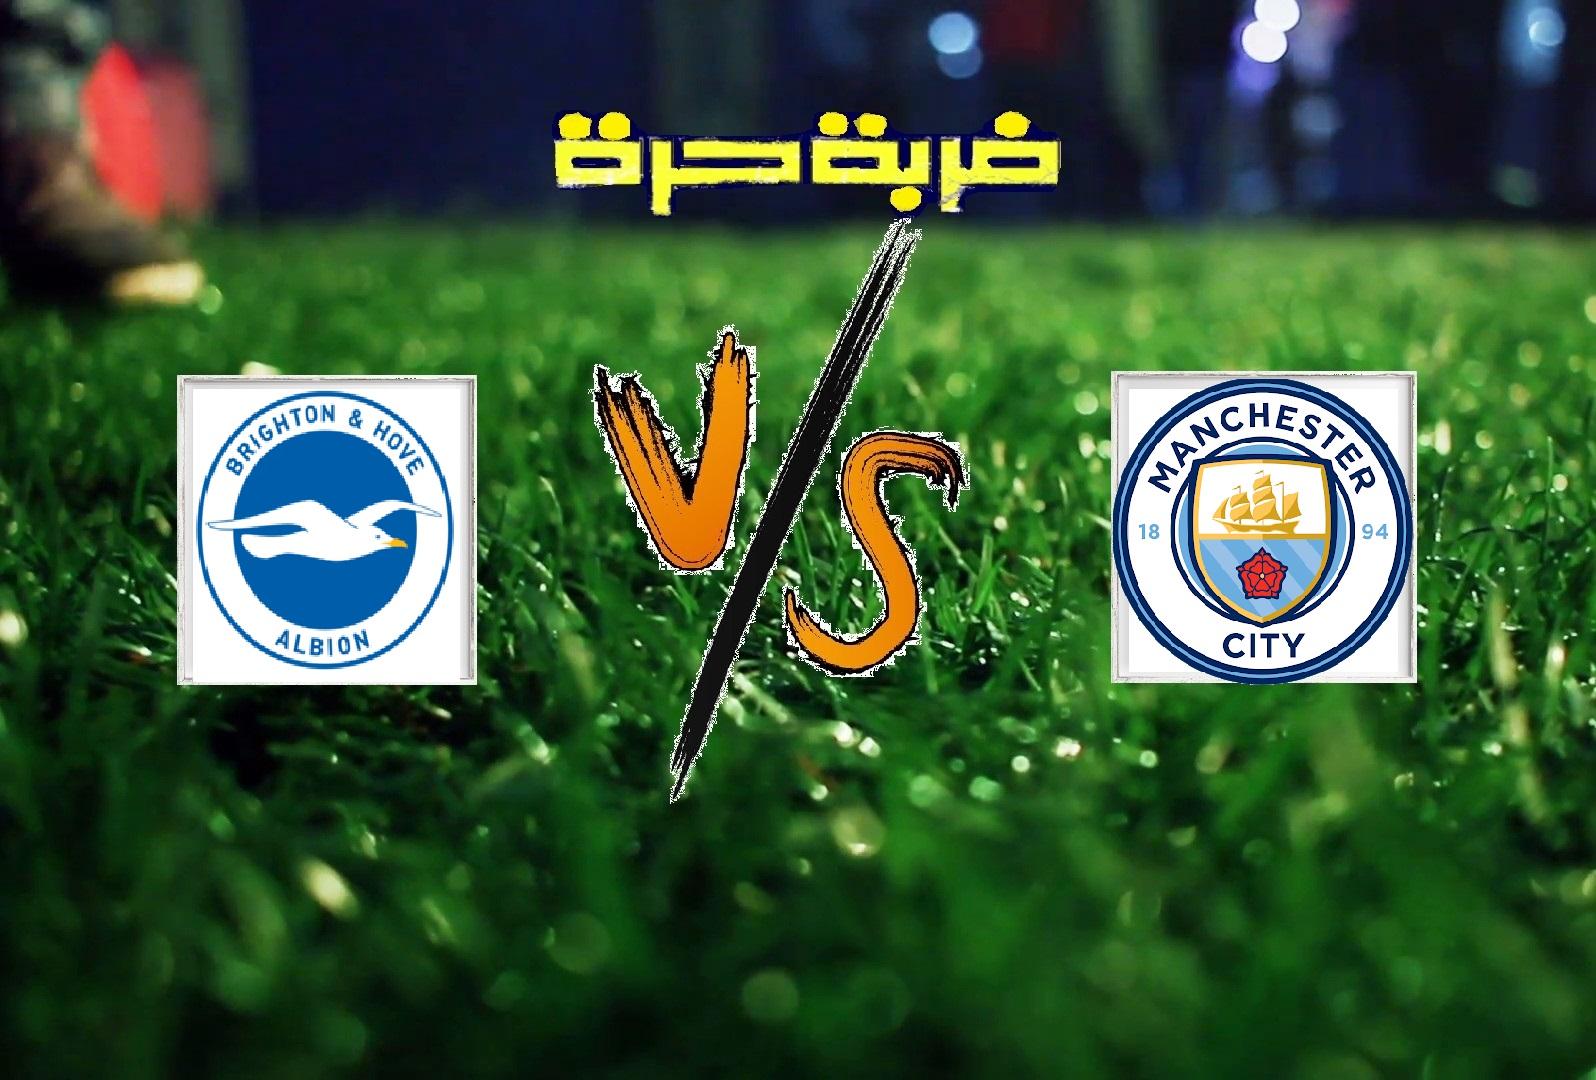 نتيجة مباراة مانشستر سيتي وبرايتون اليوم الاحد بتاريخ 12-05-2019 الدوري الانجليزي